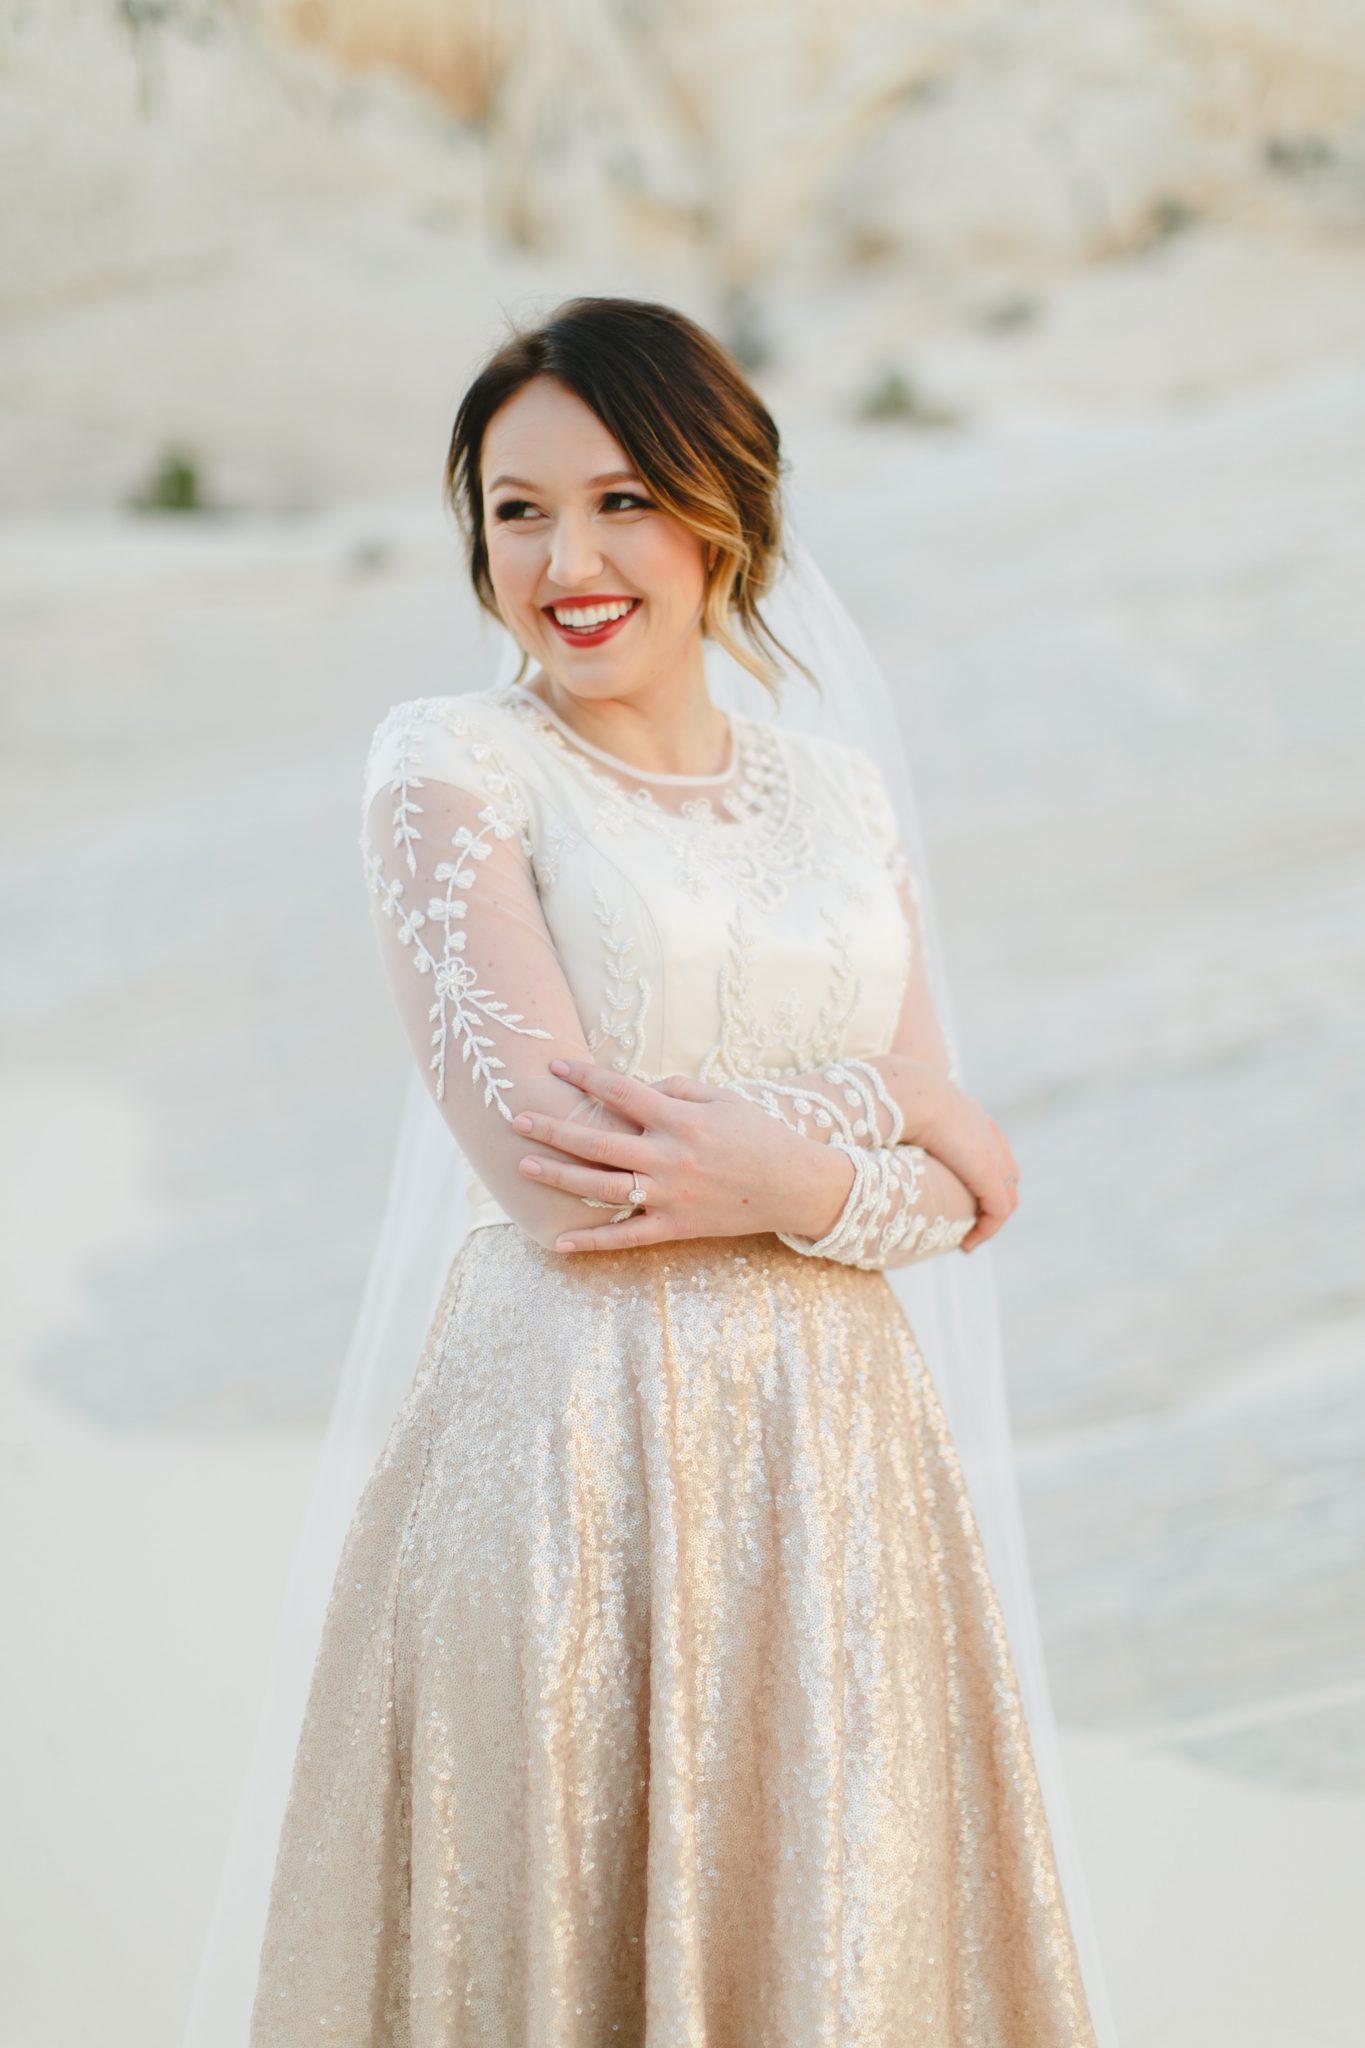 mormon wedding dresses photo - 1